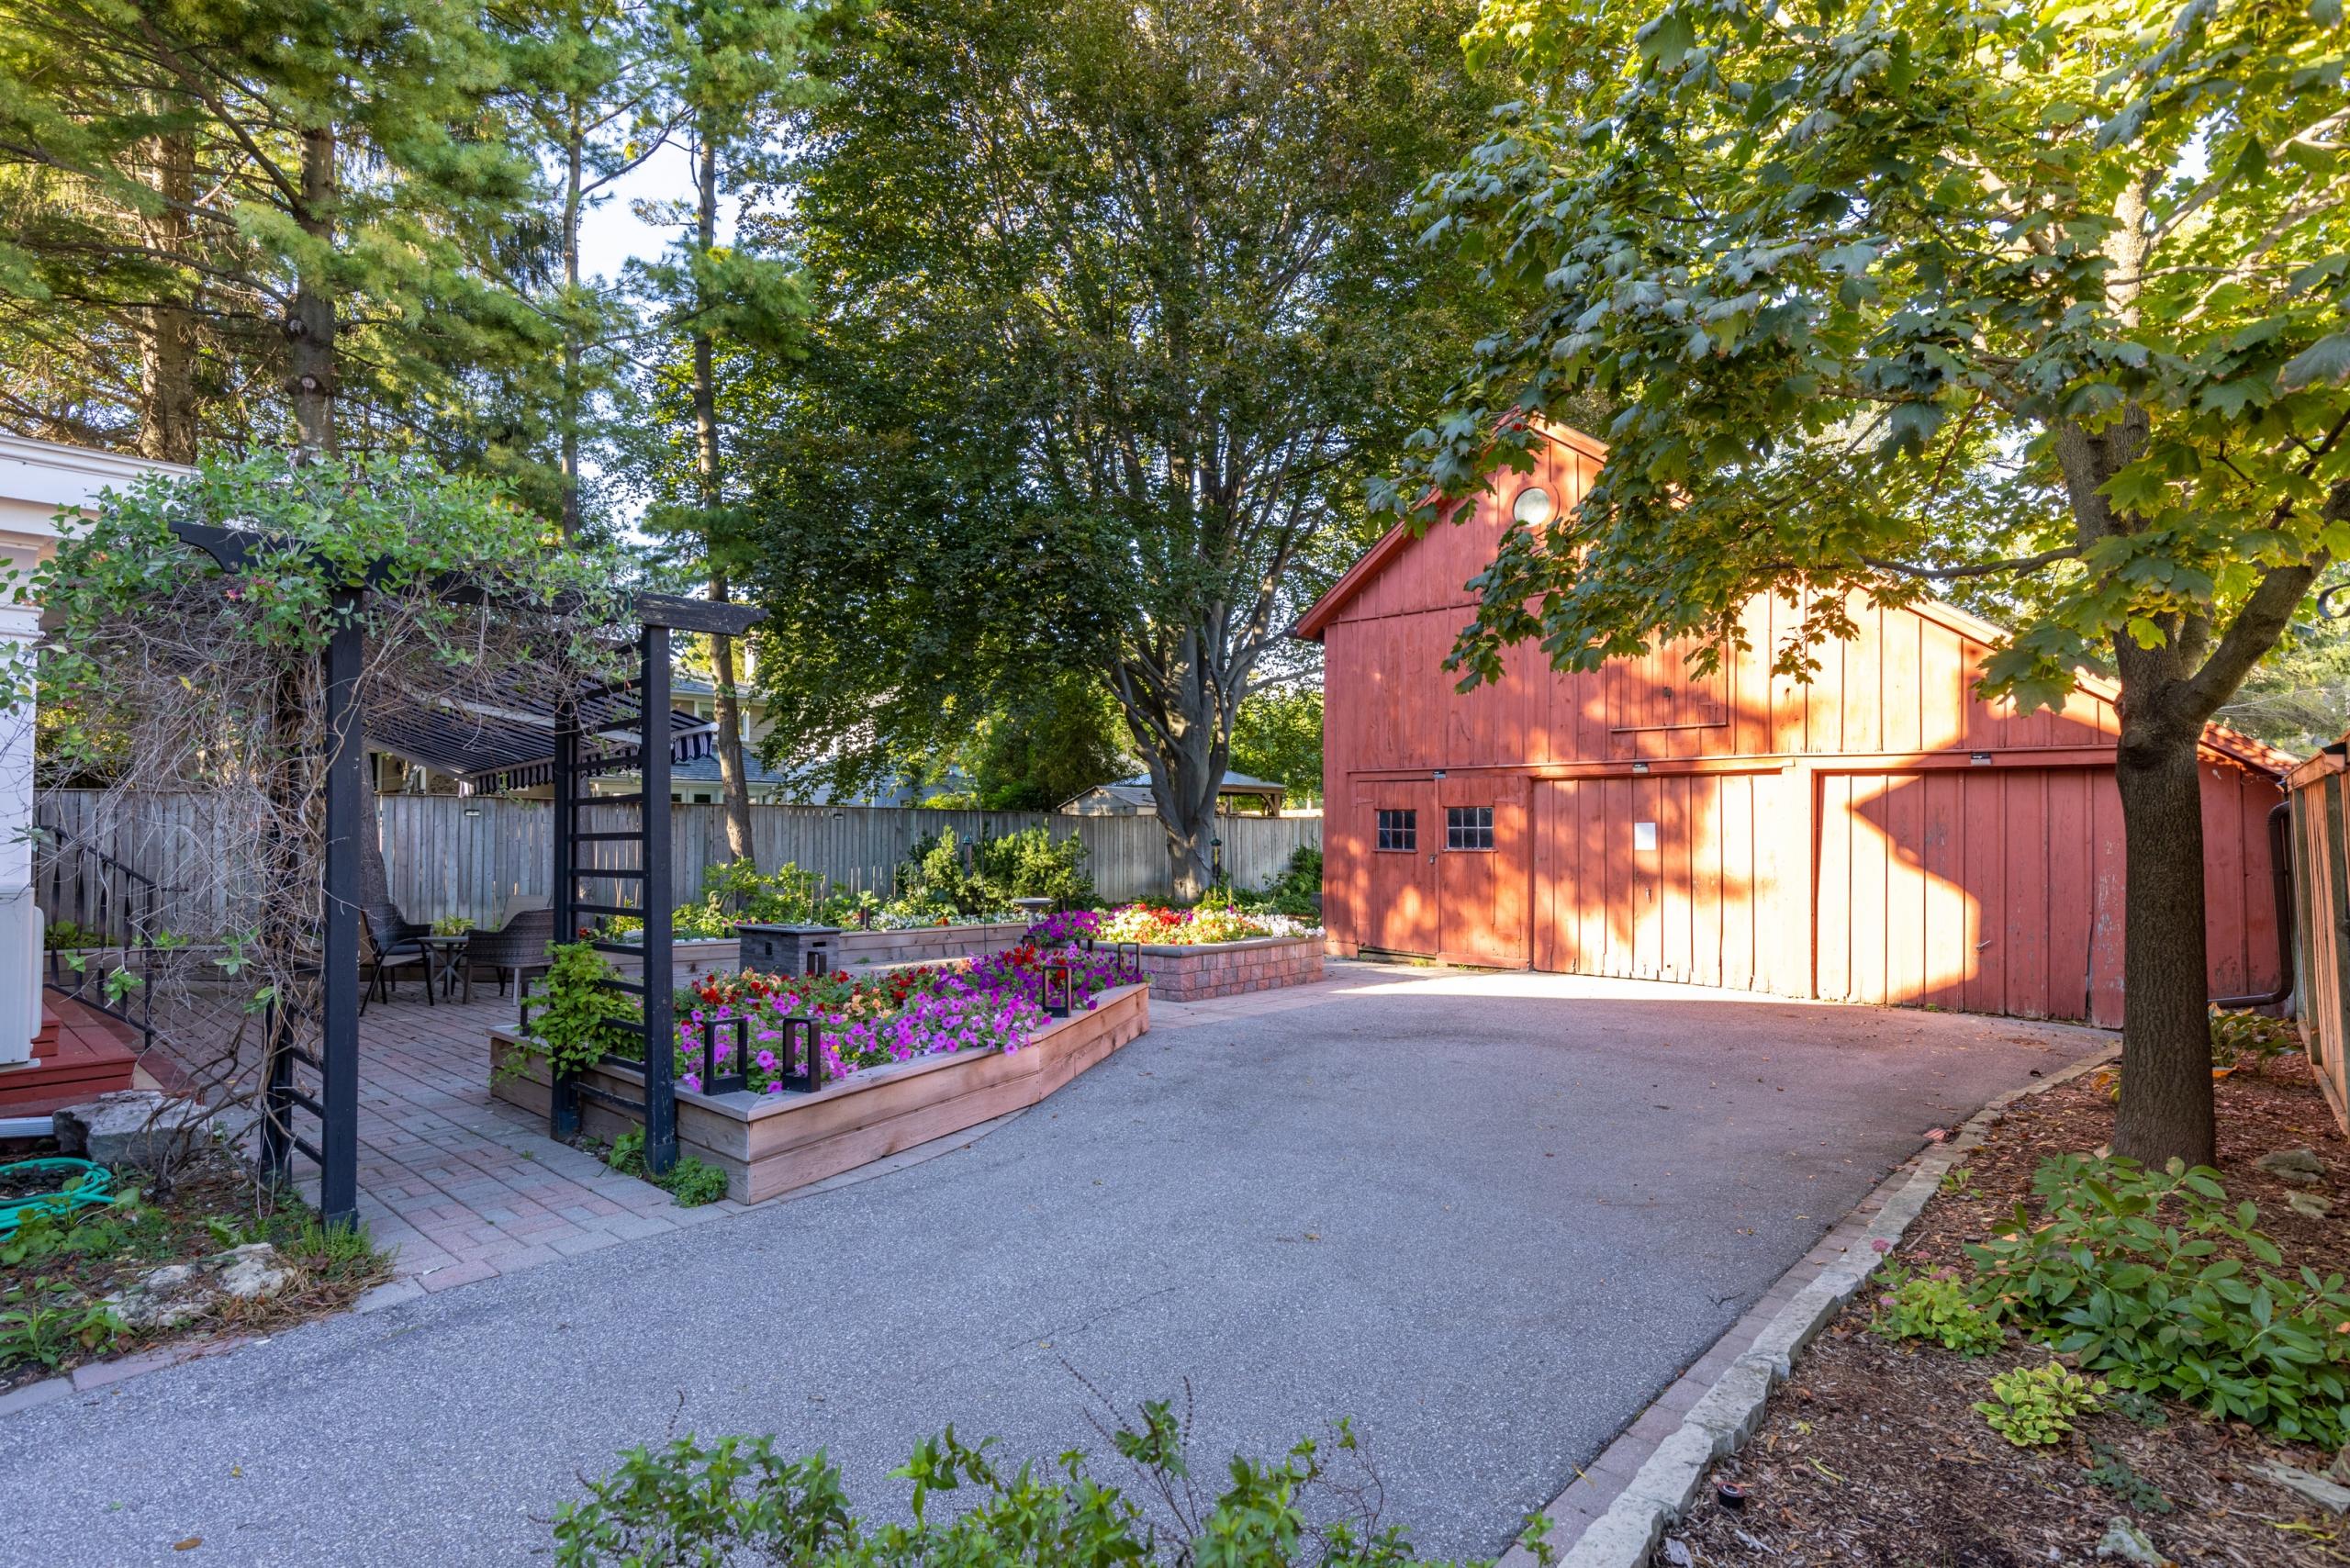 Backyard featured at 349 Trafalgar Road, Old Oakville, ON at Alex Irish & Associates